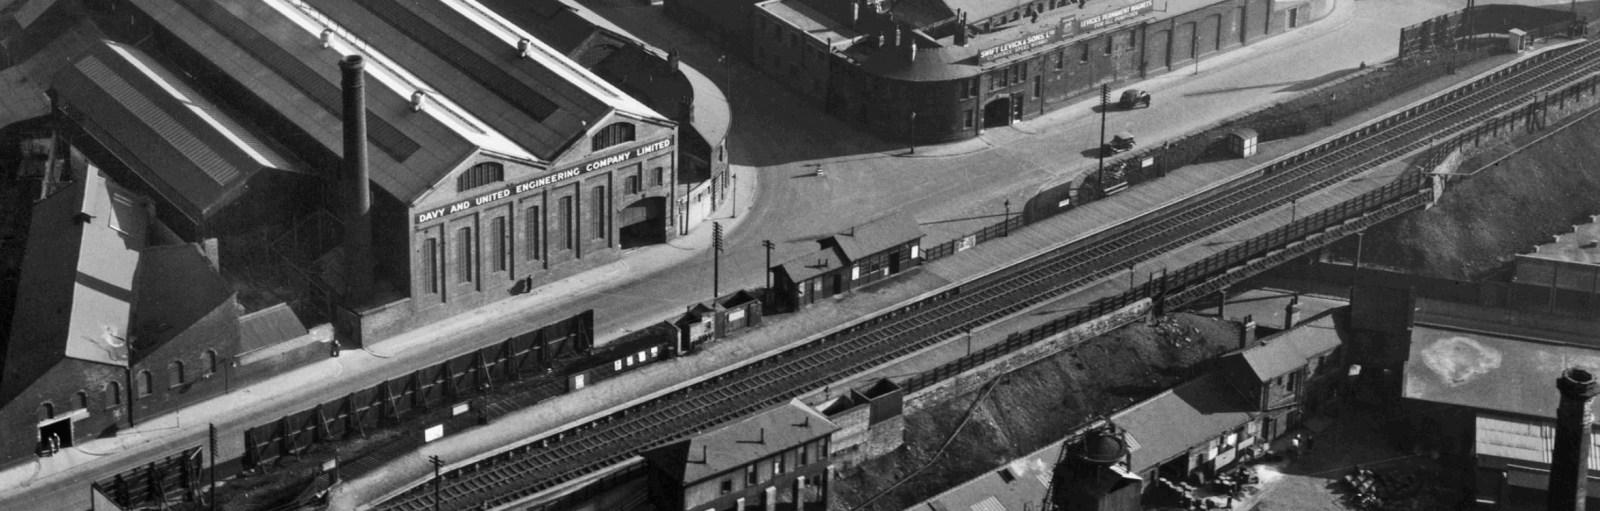 Attercliffe Road Station 1948.jpg